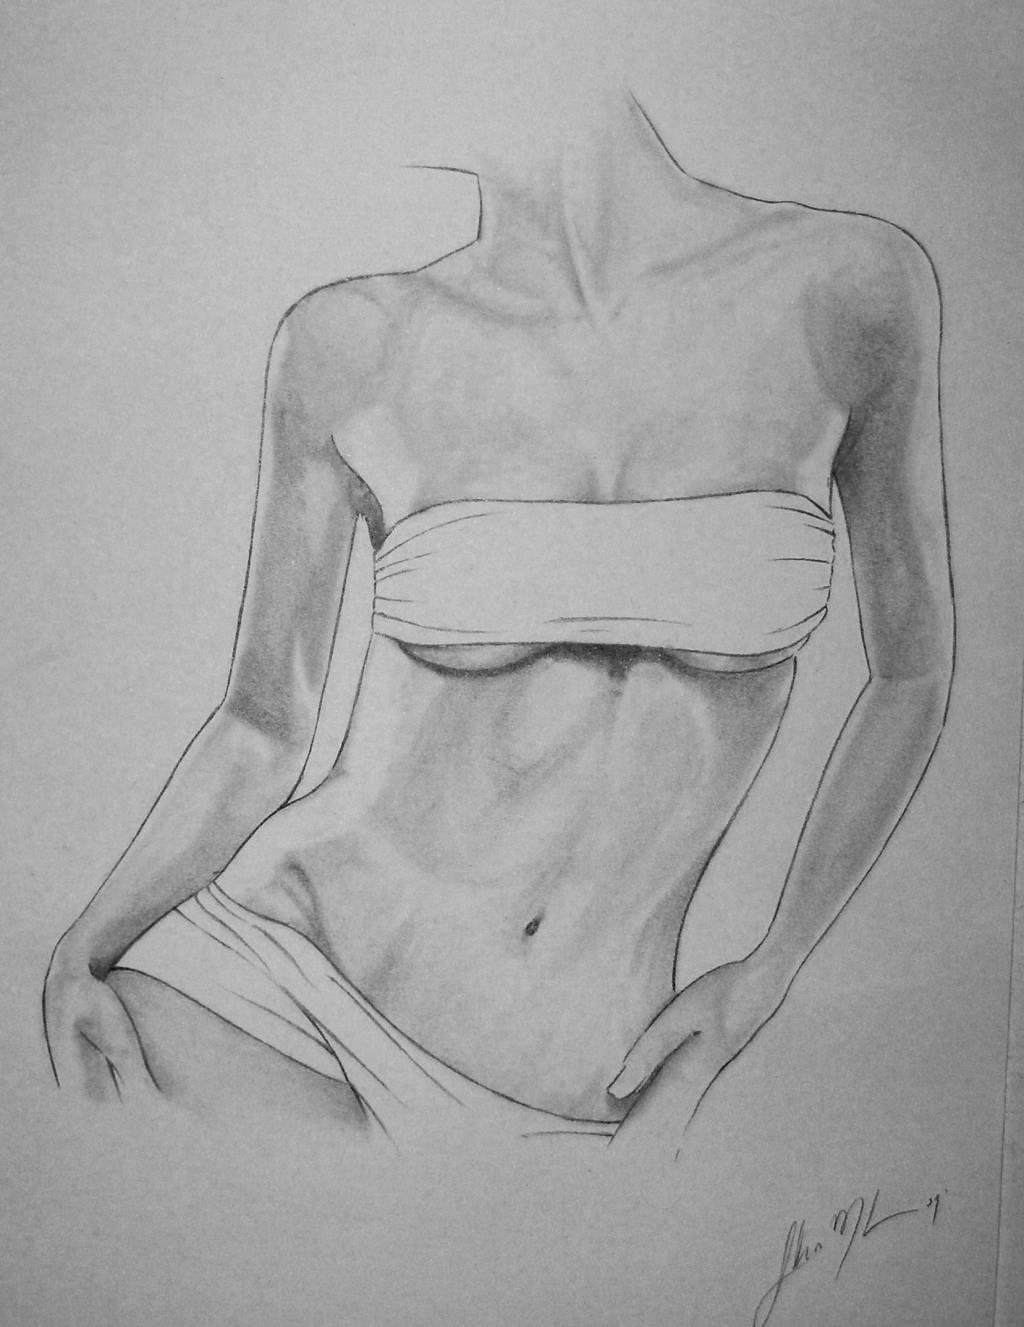 cuerpo femenino-estudio de sombras Federico Mederos Spangenberg ...